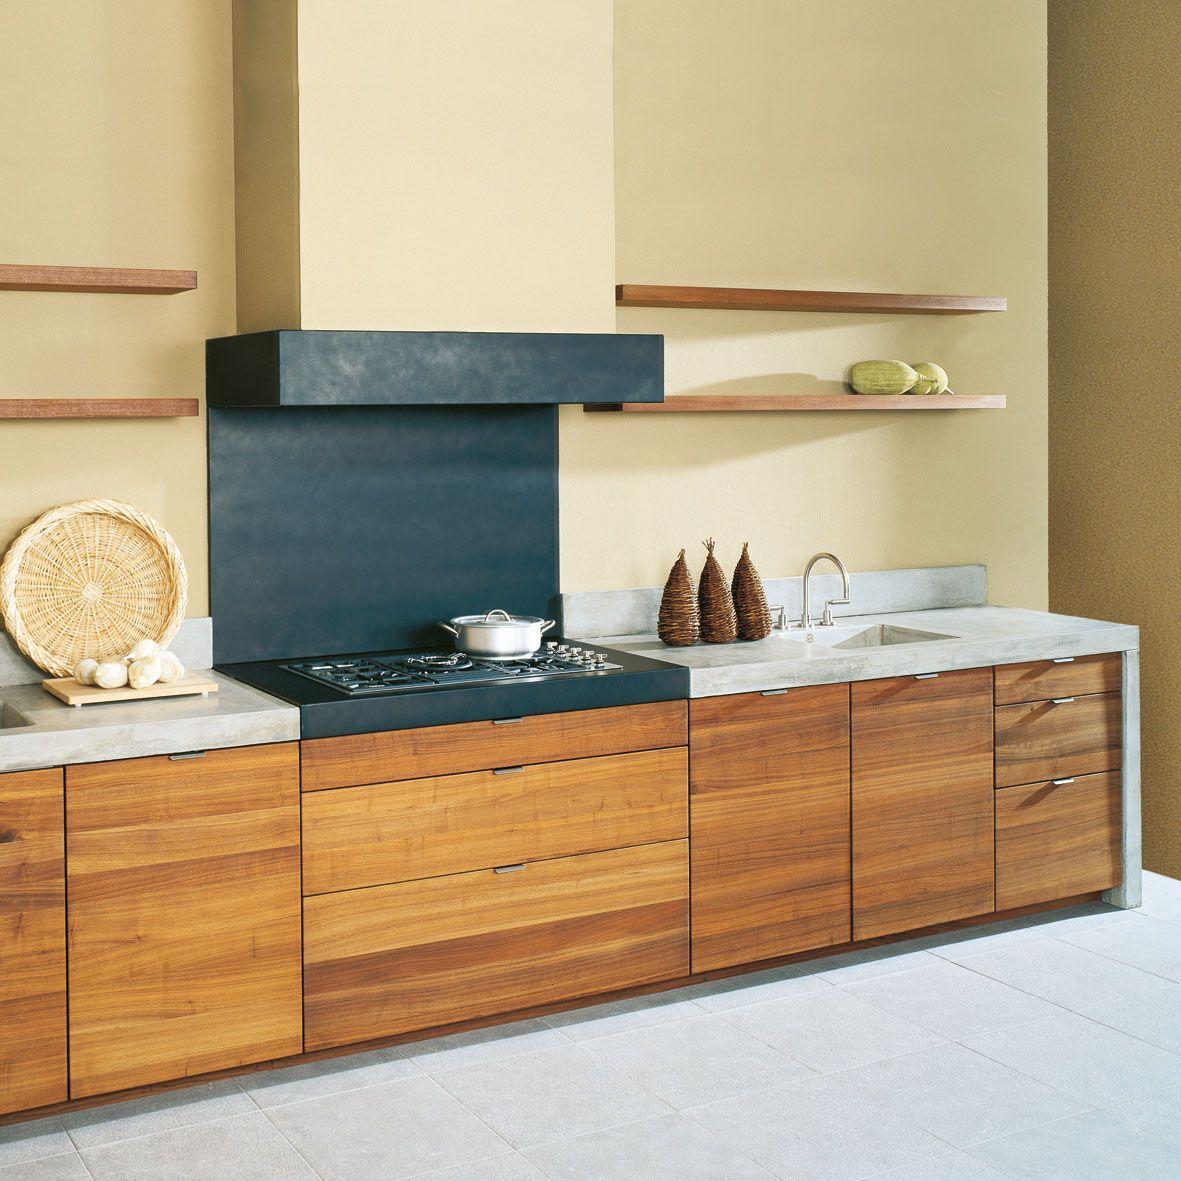 Holz steht für Wertarbeit und Langlebigkeit. Immer mehr Küchenkäufer ...